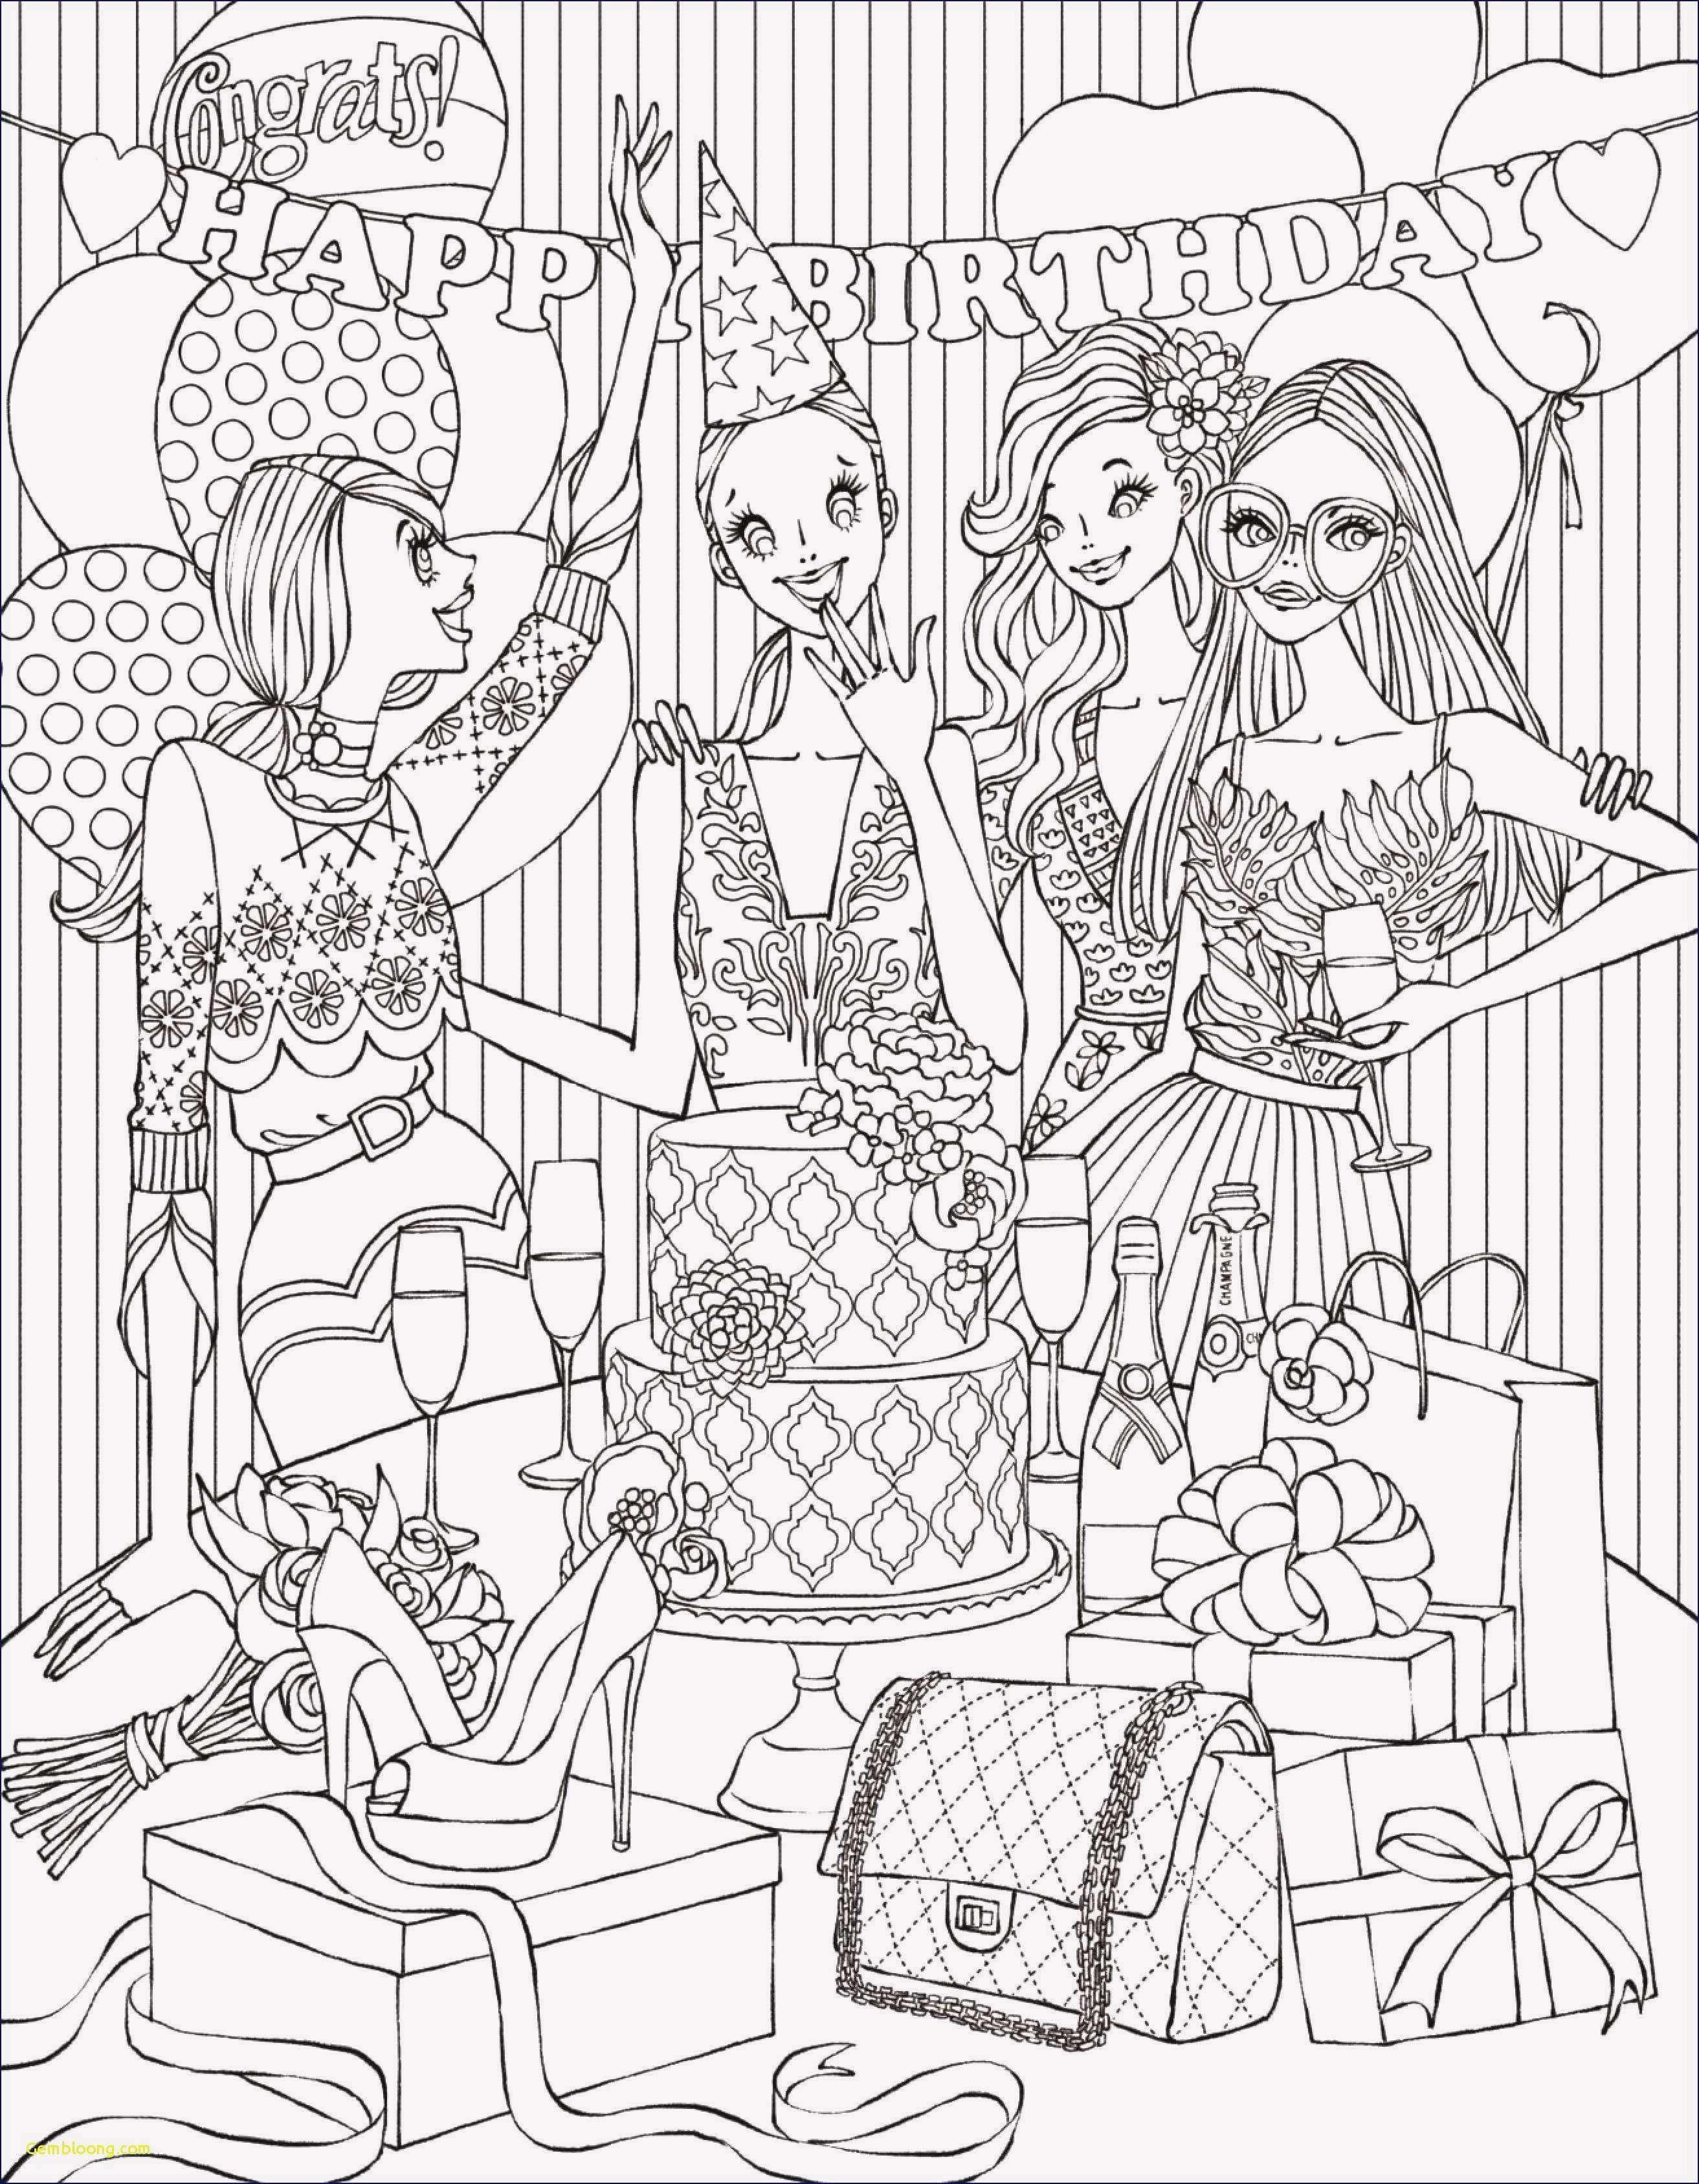 Disney Prinzessinnen Malvorlagen Neu 38 Luxus Weihnachts Ausmalbilder Kostenlos Foto Stock